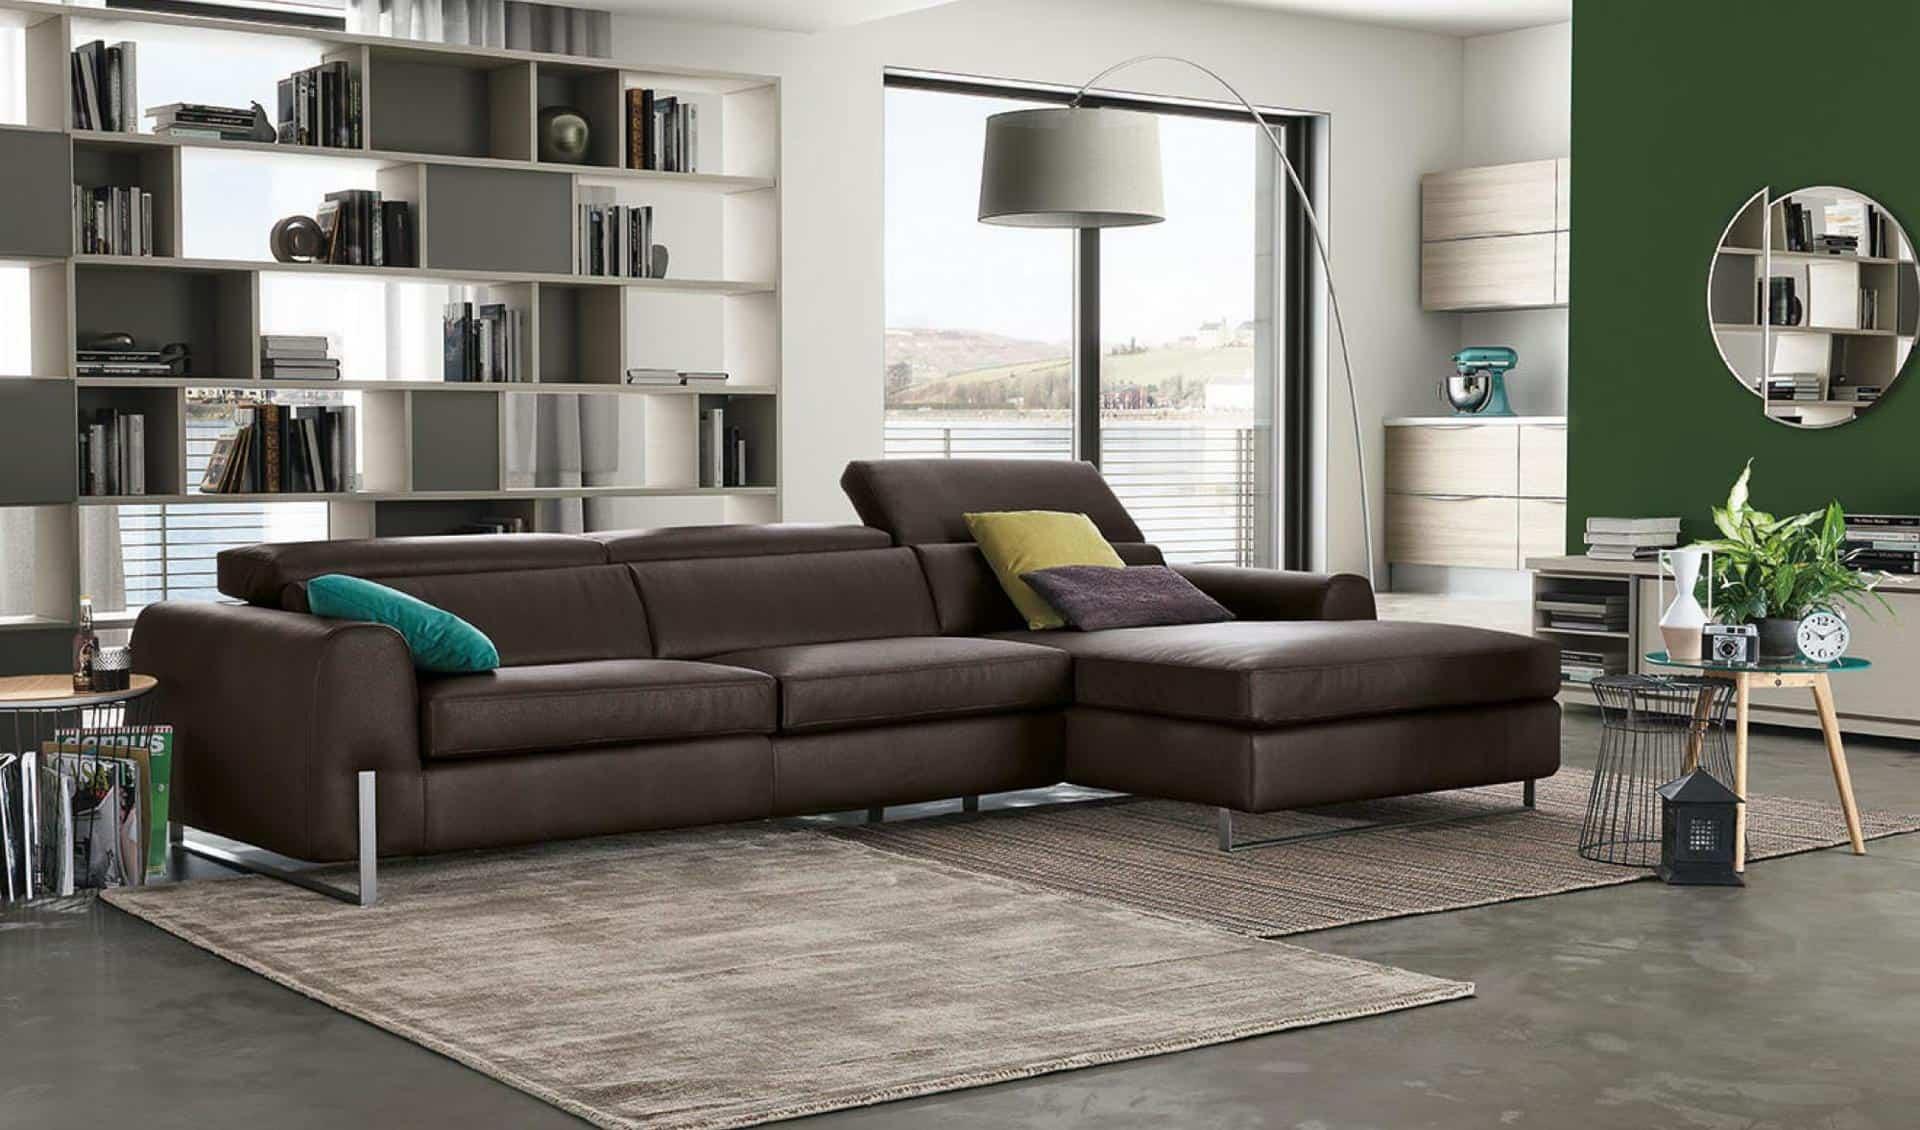 Montella prisma arredo arredamento e mobili per la casa - Mobili per la casa ...